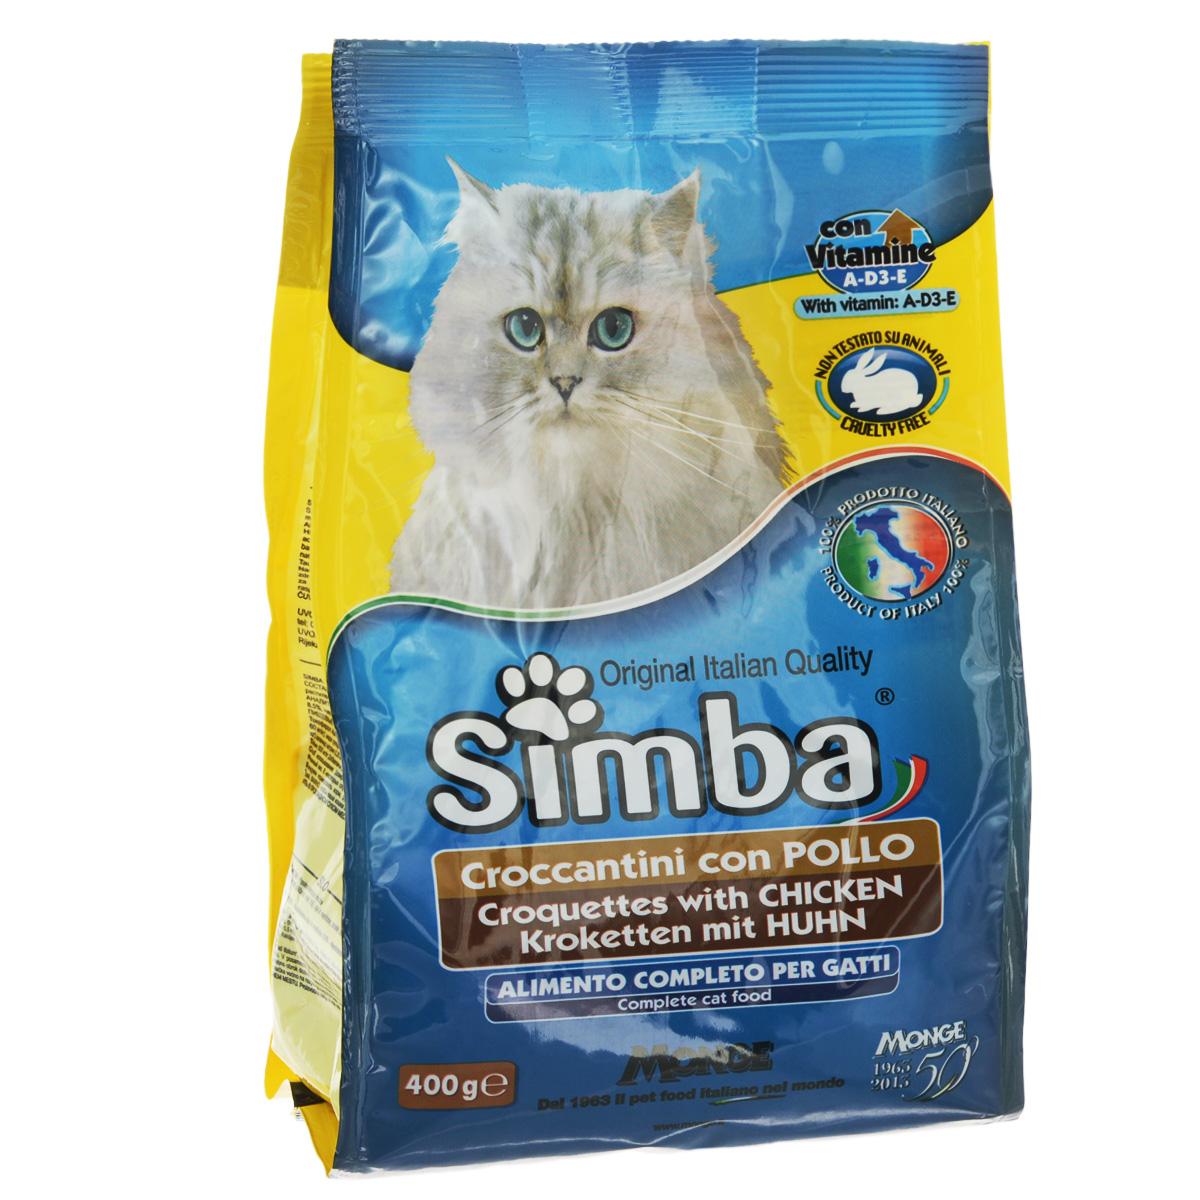 Корм сухой Monge Simba для взрослых кошек с курицей, 400 г70005111Сухой корм Monge Simba - это полноценный корм для кошек с витаминами A, D3, E, которые способствуют укреплению здоровья и отличного состояния животных. Оптимальное содержание белка гарантируется наличием куриного мяса.Состав: злаки, мясо и мясопродукты (курица мин. 5%), побочные продукты растительного происхождения, масла и жиры, витамины, минеральные вещества.Анализ компонентов: белок 21%, масла и жиры 11%, сырая клетчатка 2,5%, сырая зола 8,5%. Витамины и добавки на 1 кг: витамин А 11 500 МЕ, витамин D3 800 МЕ, витамин Е 80 мг, сульфат марганца 43 мг (марганец 15 мг), оксид цинка 90 мг (цинк 60 мг), сульфат меди 22 мг (медь 5,5 мг), сульфат железа 150 мг (железо 50 мг), селенит натрия 0,20 мг (селен 0,09 мг), йодат кальция 1,15 мг (йод 0,7 мг), таурин 500мг, антиоксиданты ЕЭС.Товар сертифицирован.